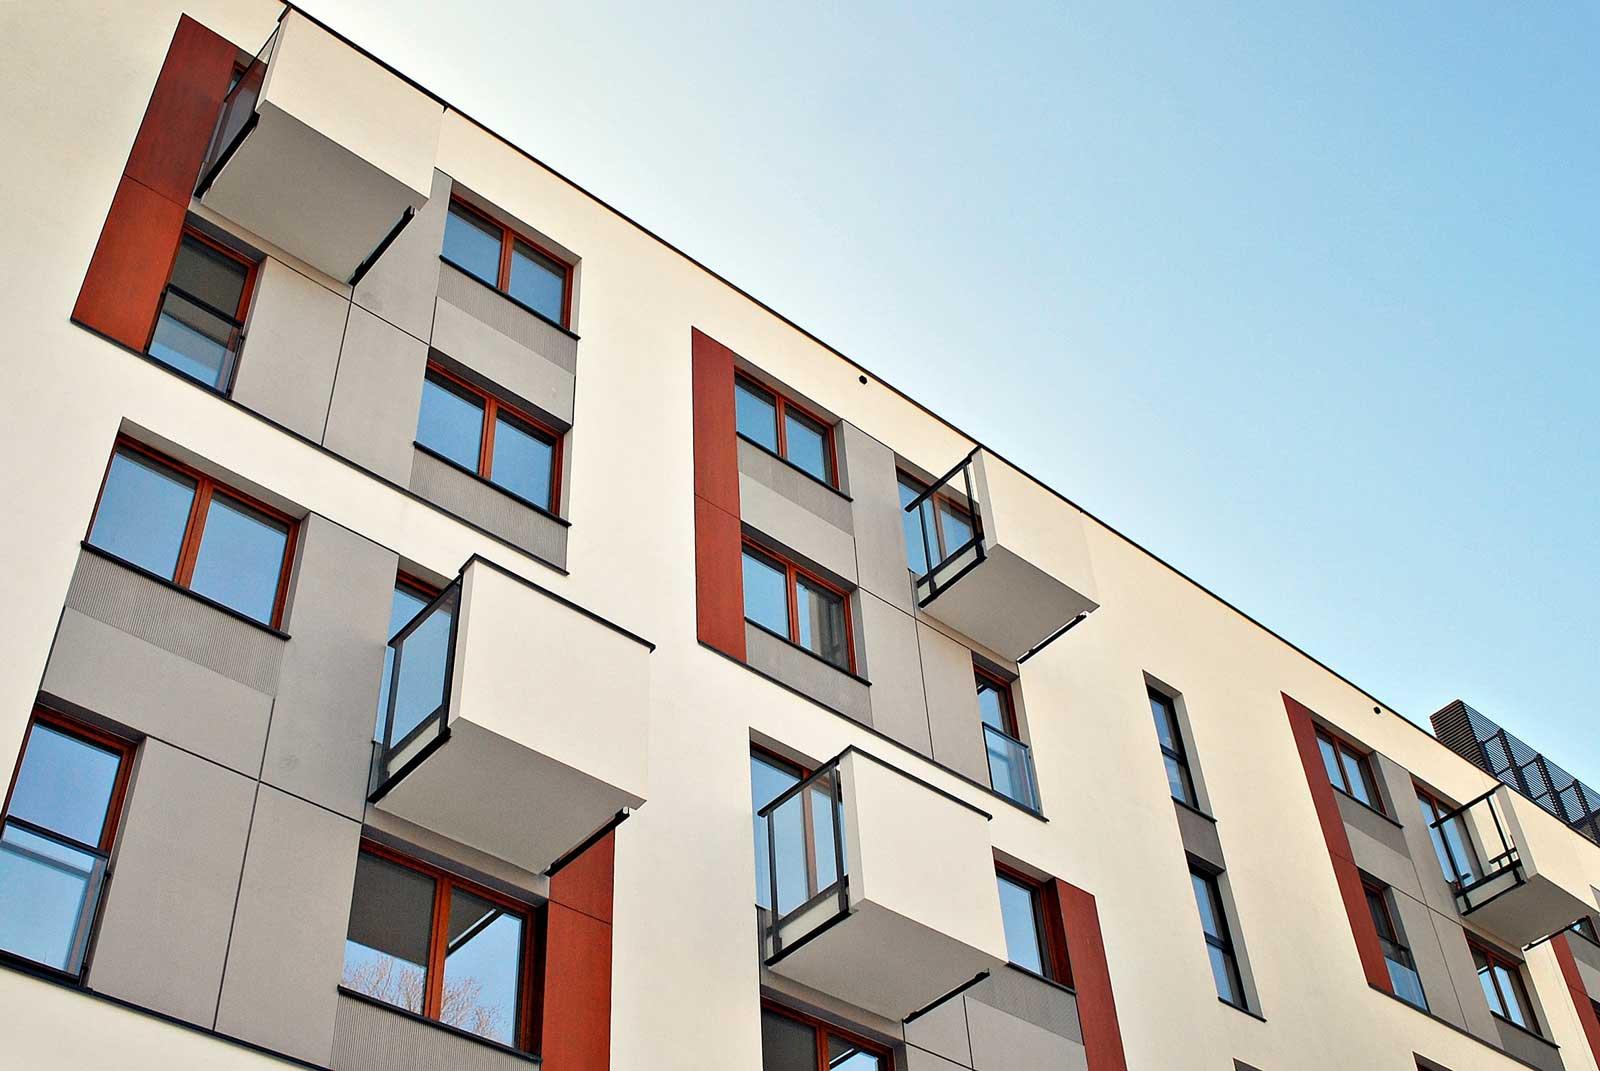 aluminium windows in enfield